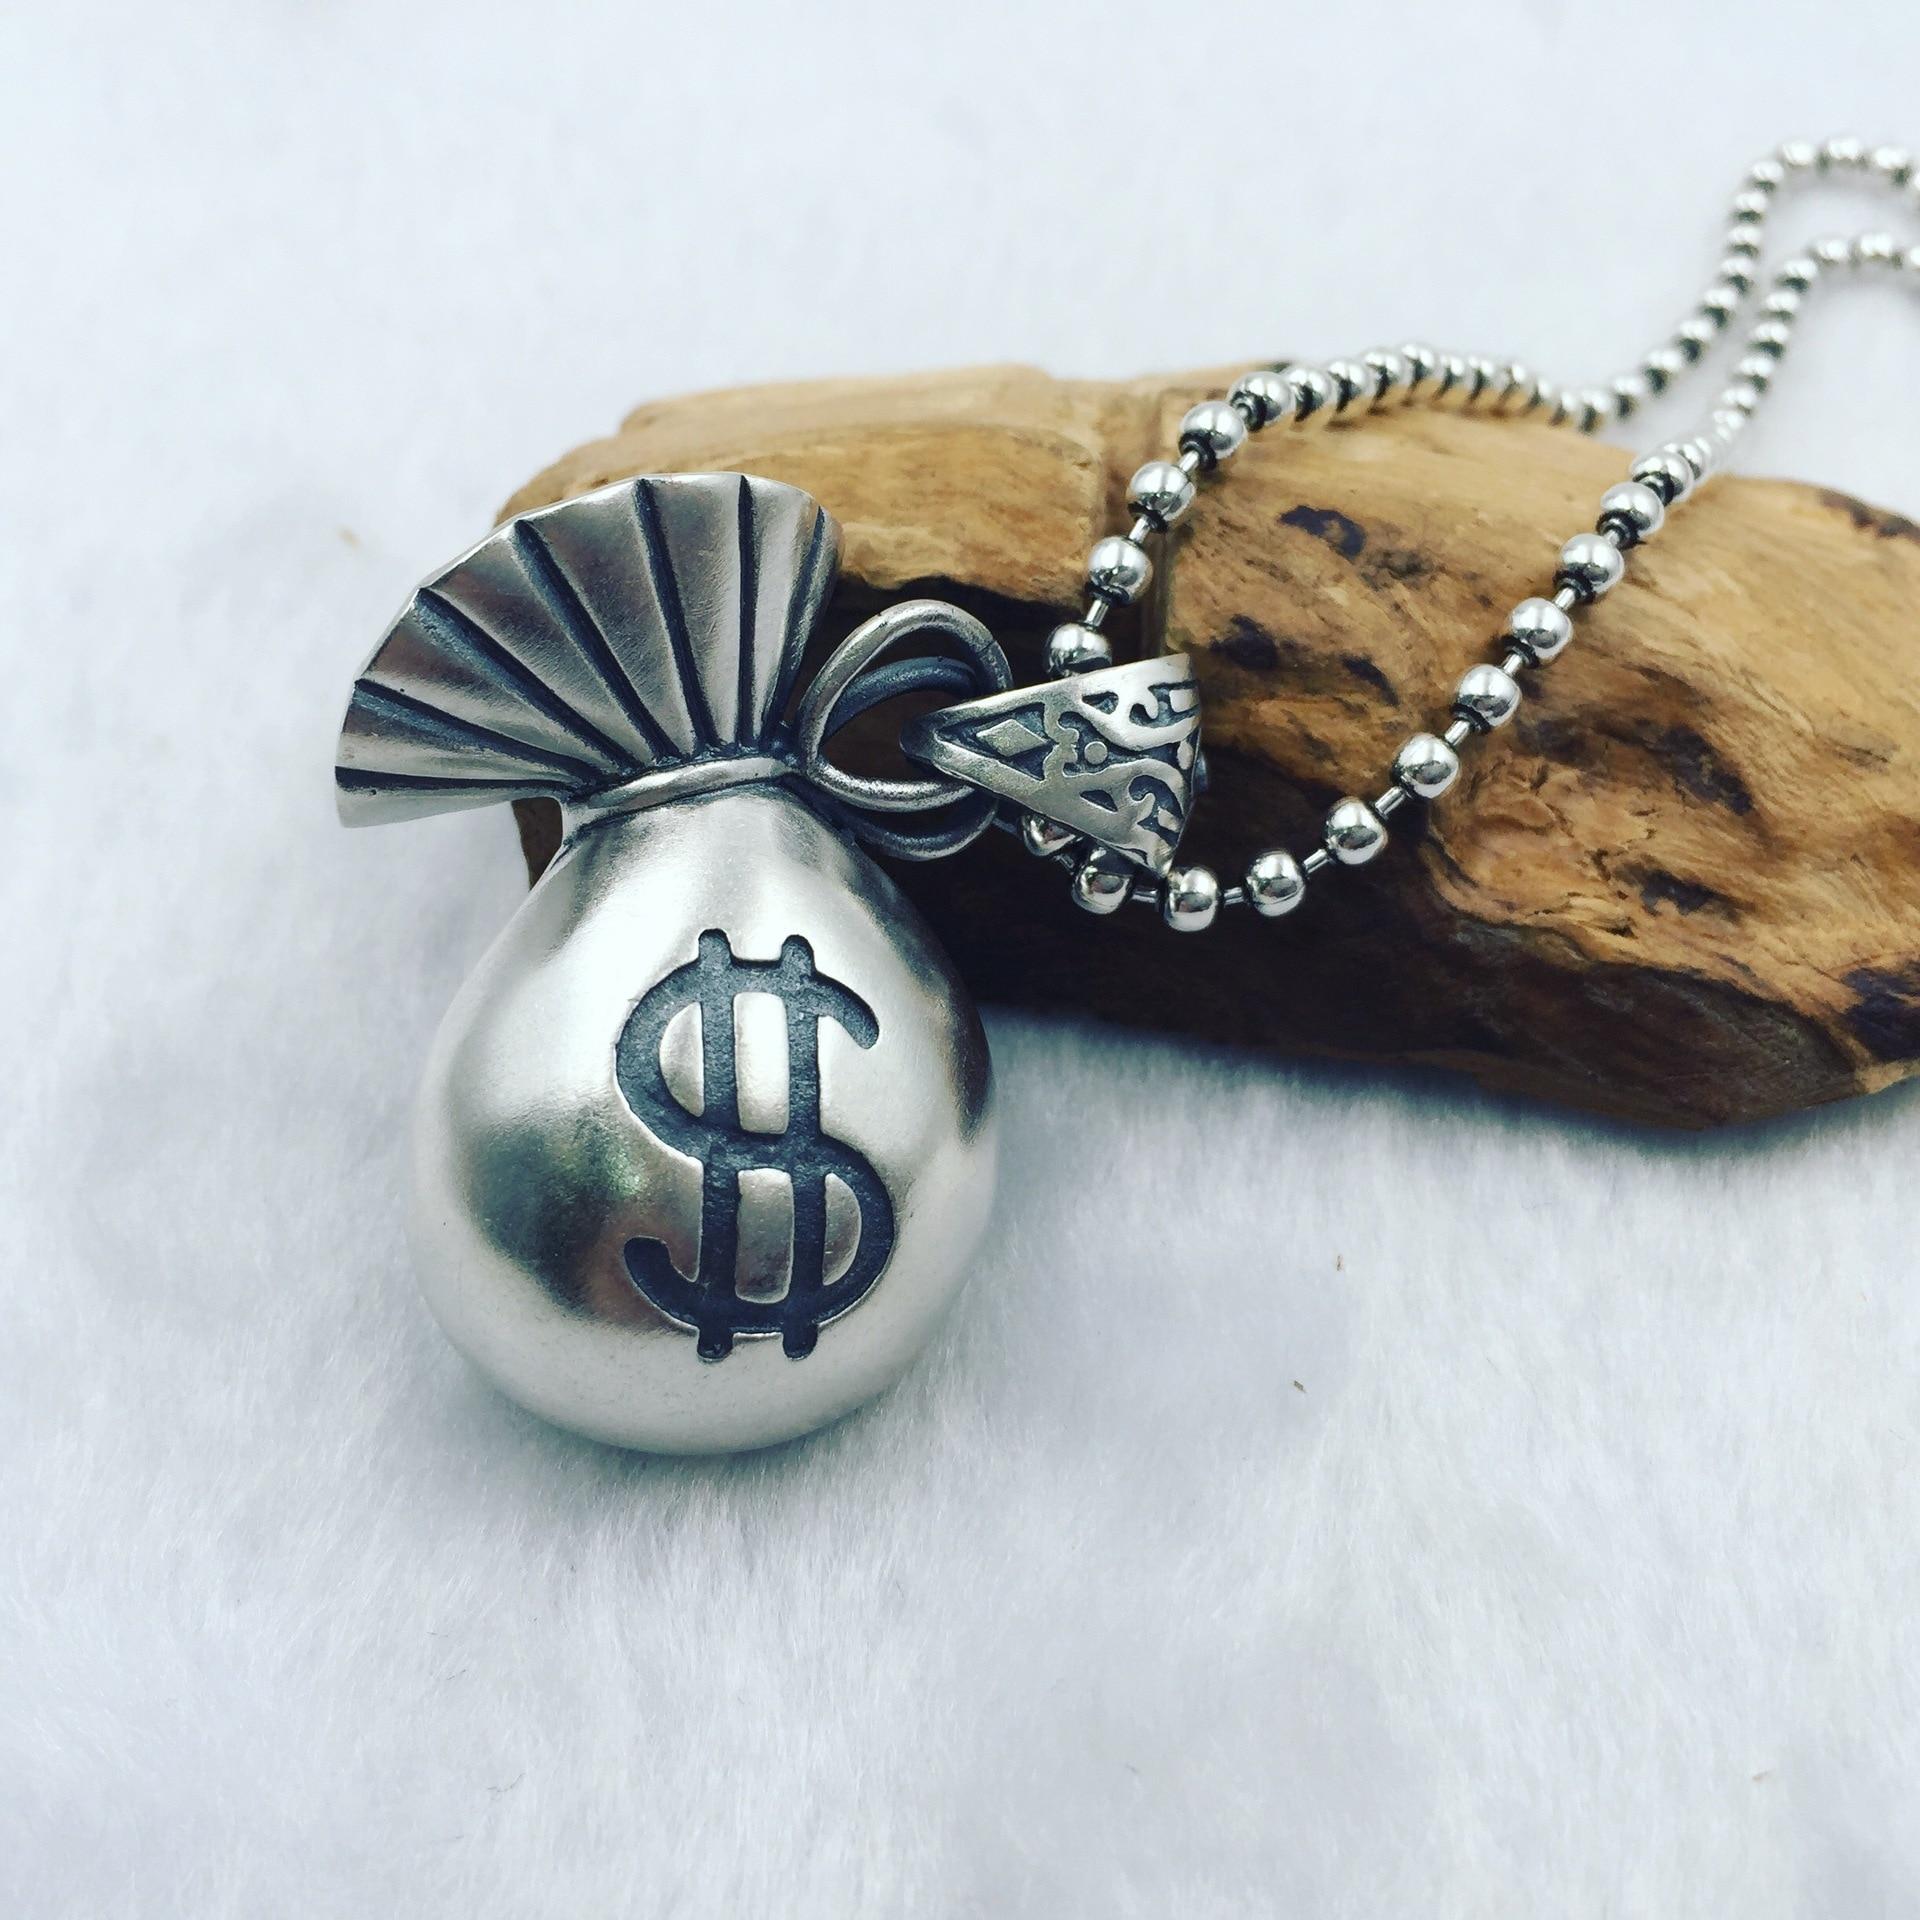 Pendentif argent pur S925 pendentif intime en argentPendentif argent pur S925 pendentif intime en argent